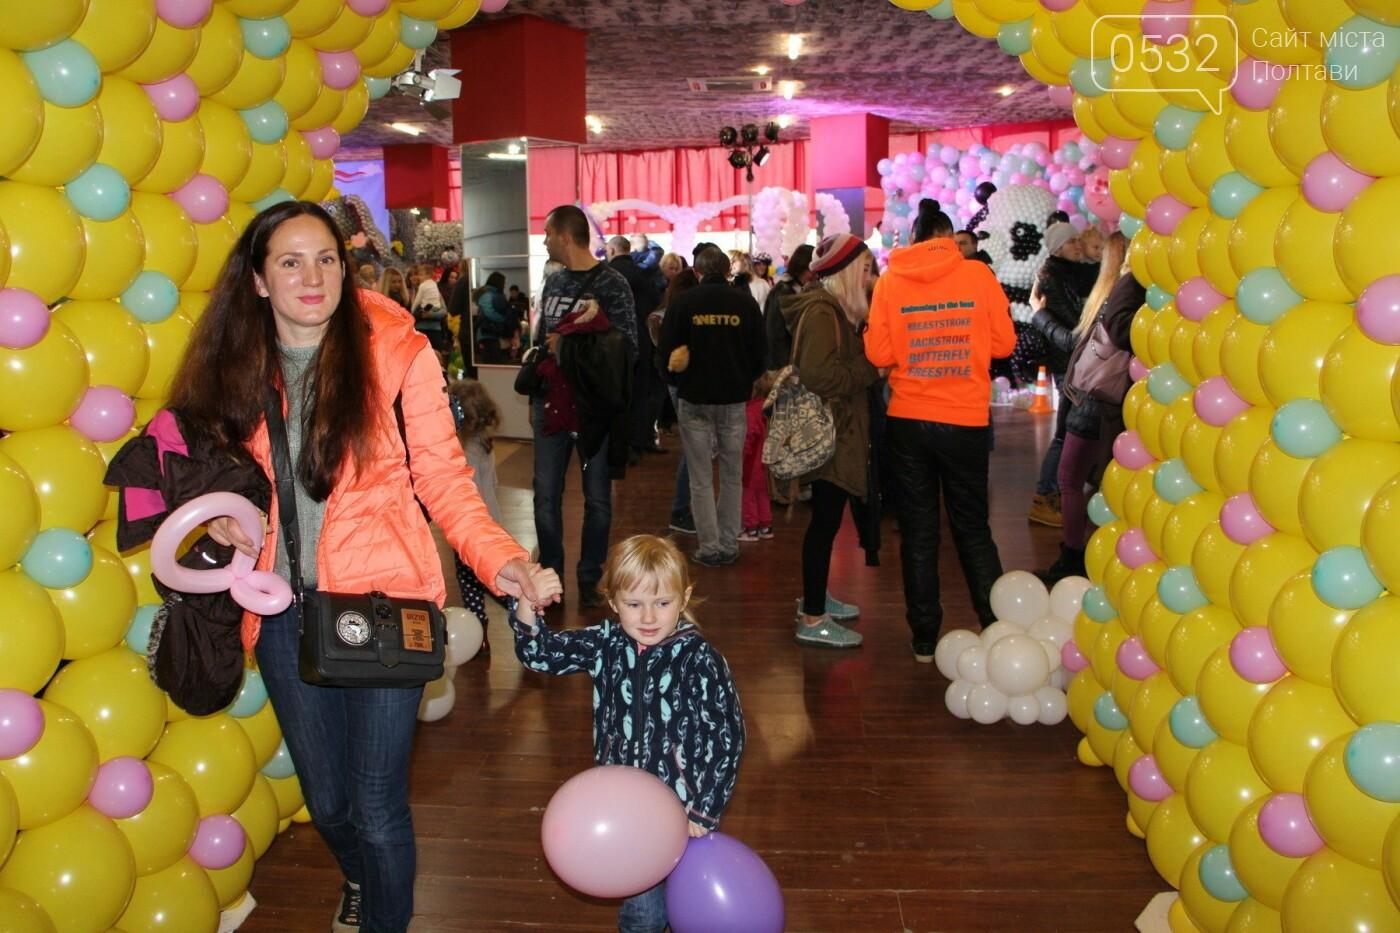 Діти у захваті – у Полтаві вперше організували виставку великих фігур із повітряних кульок (ФОТО)   , фото-2